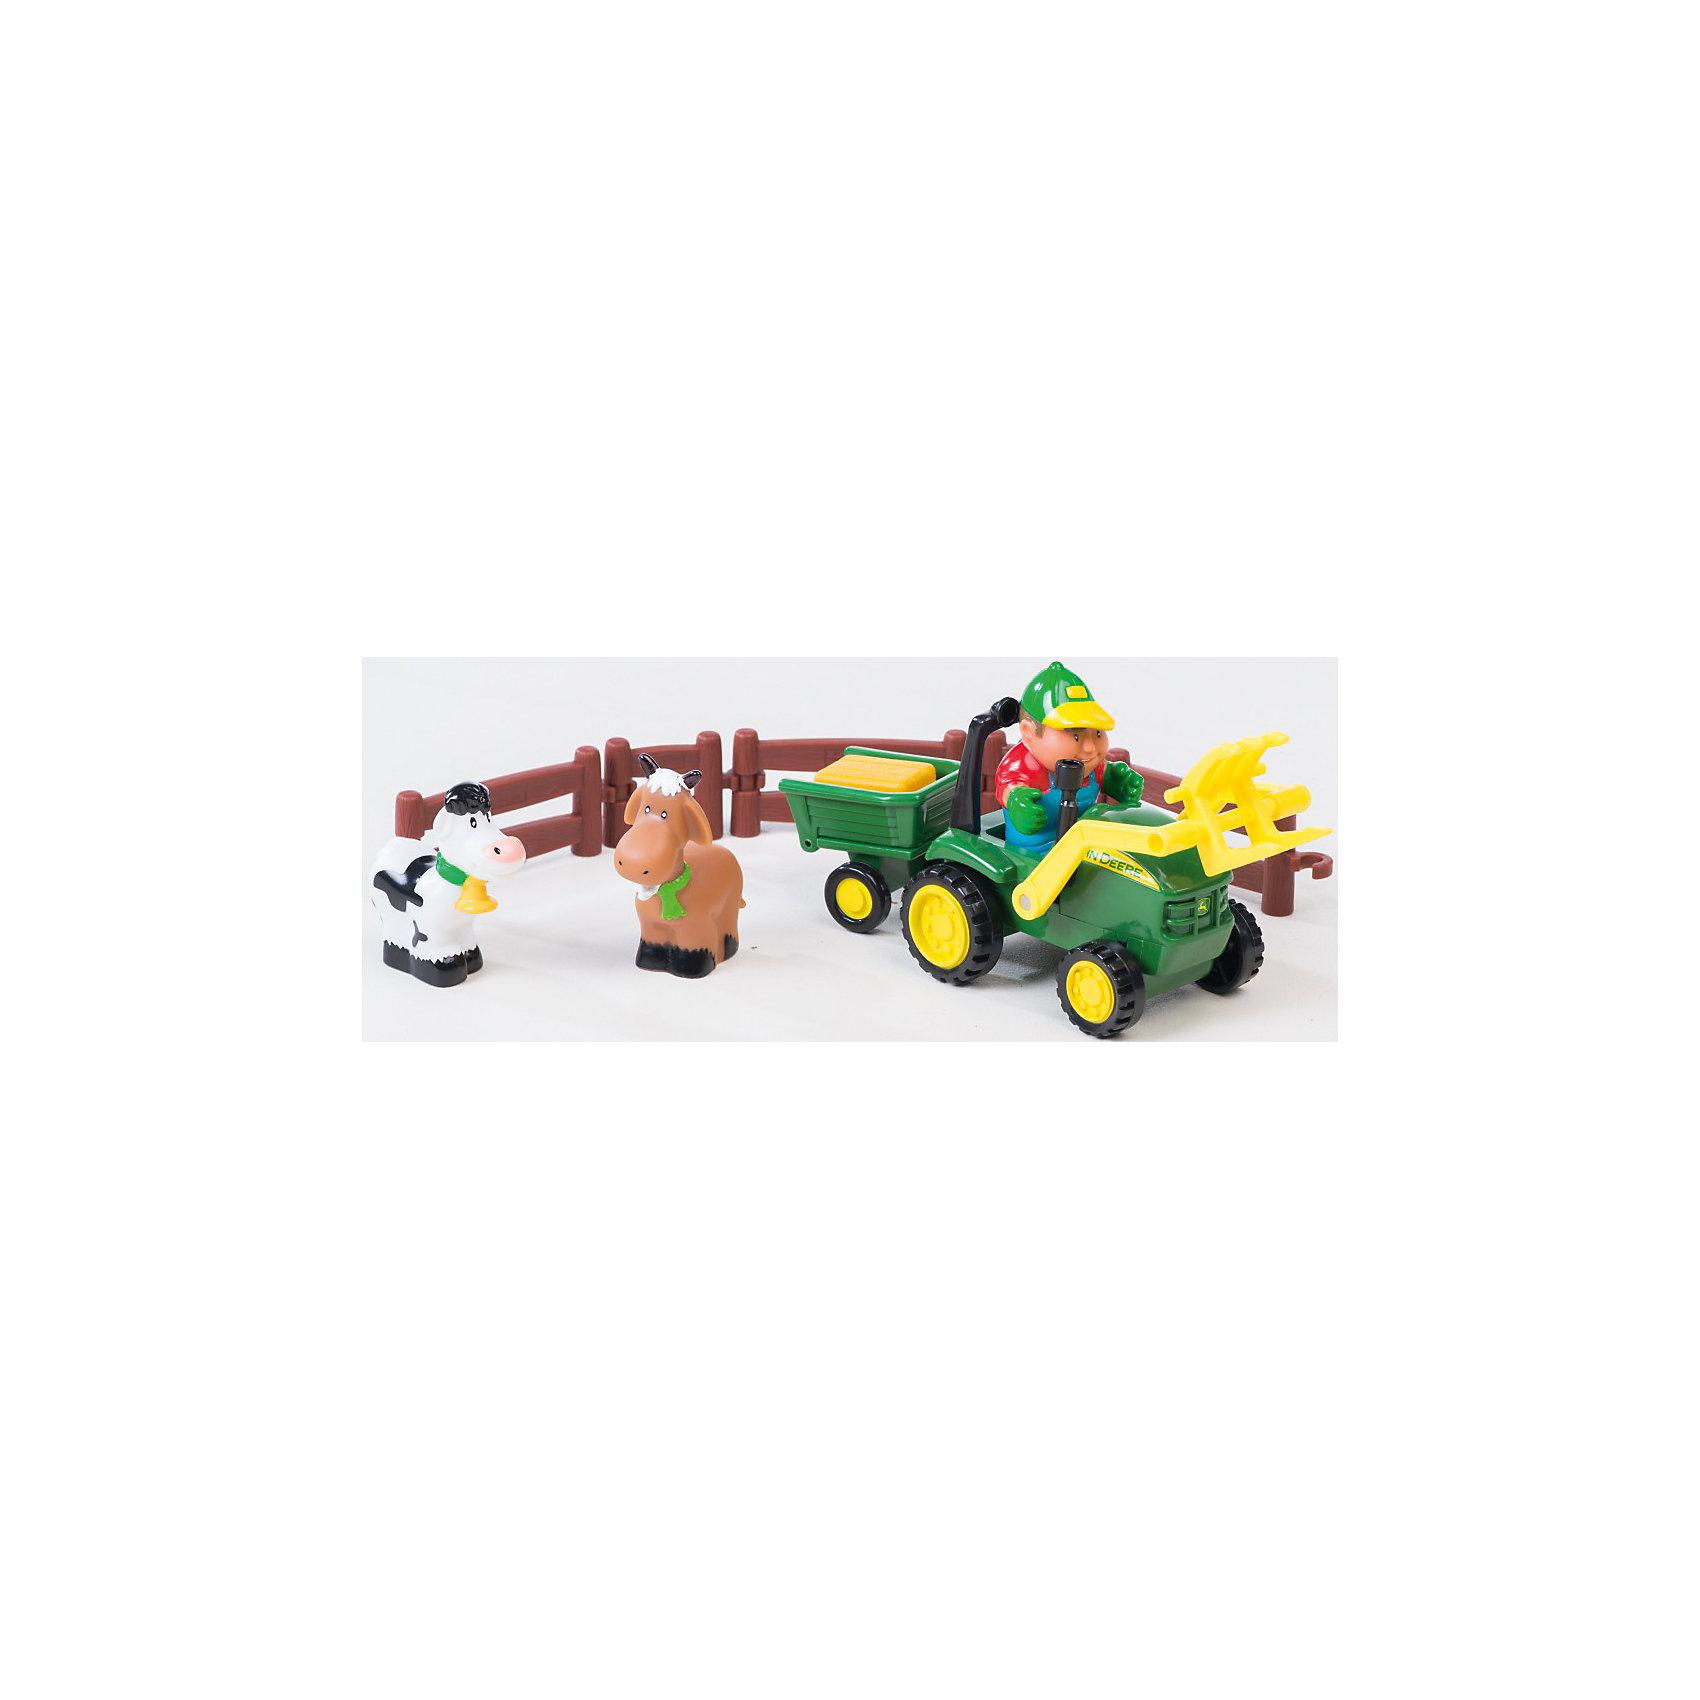 TOMY Игровой набор Погрузка урожая, Tomy, John Deere tomy трактор john deere 6830